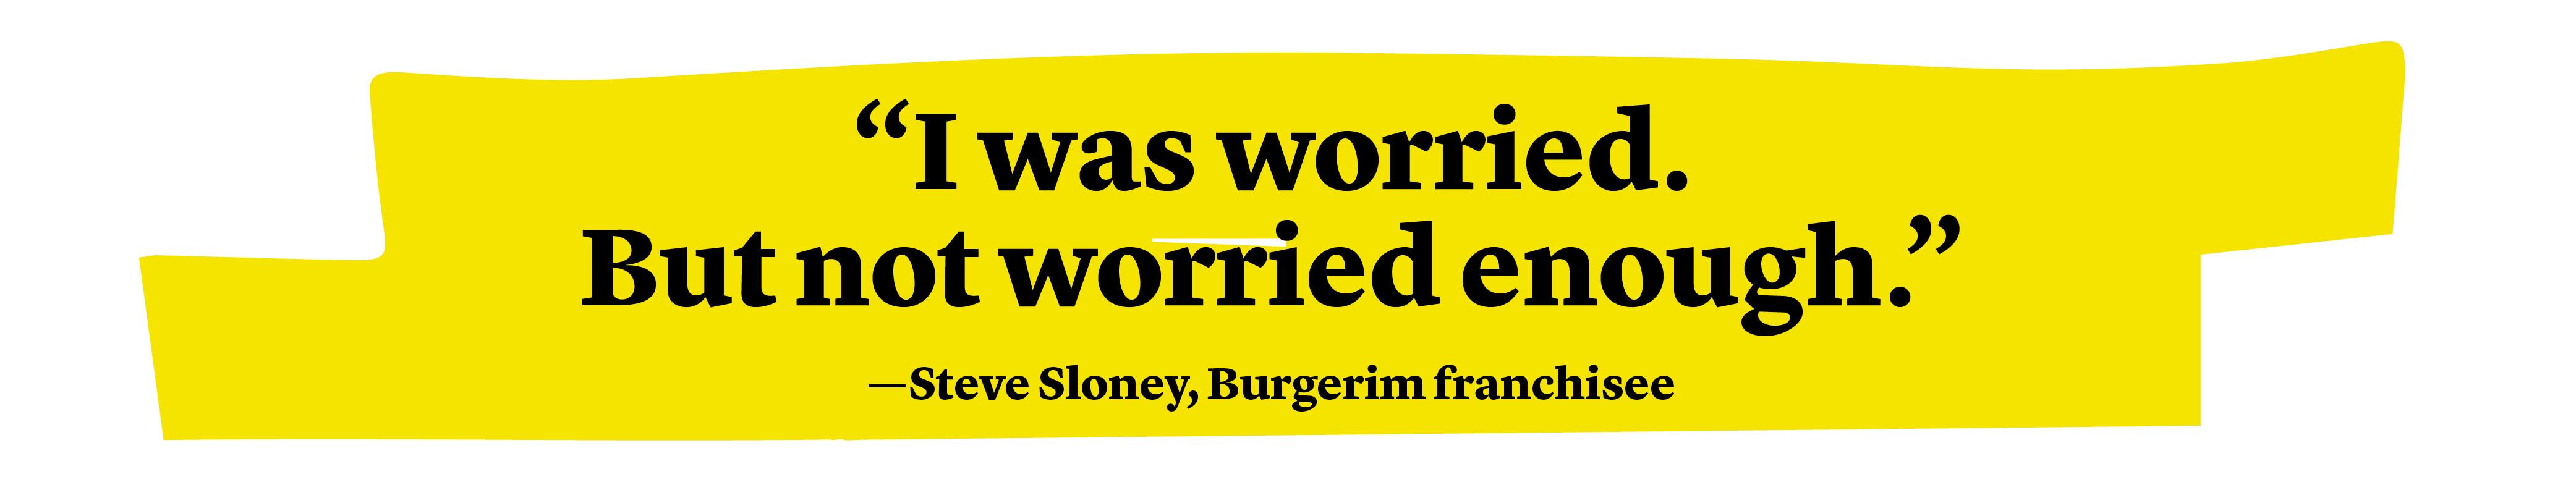 Steve Sloney quote